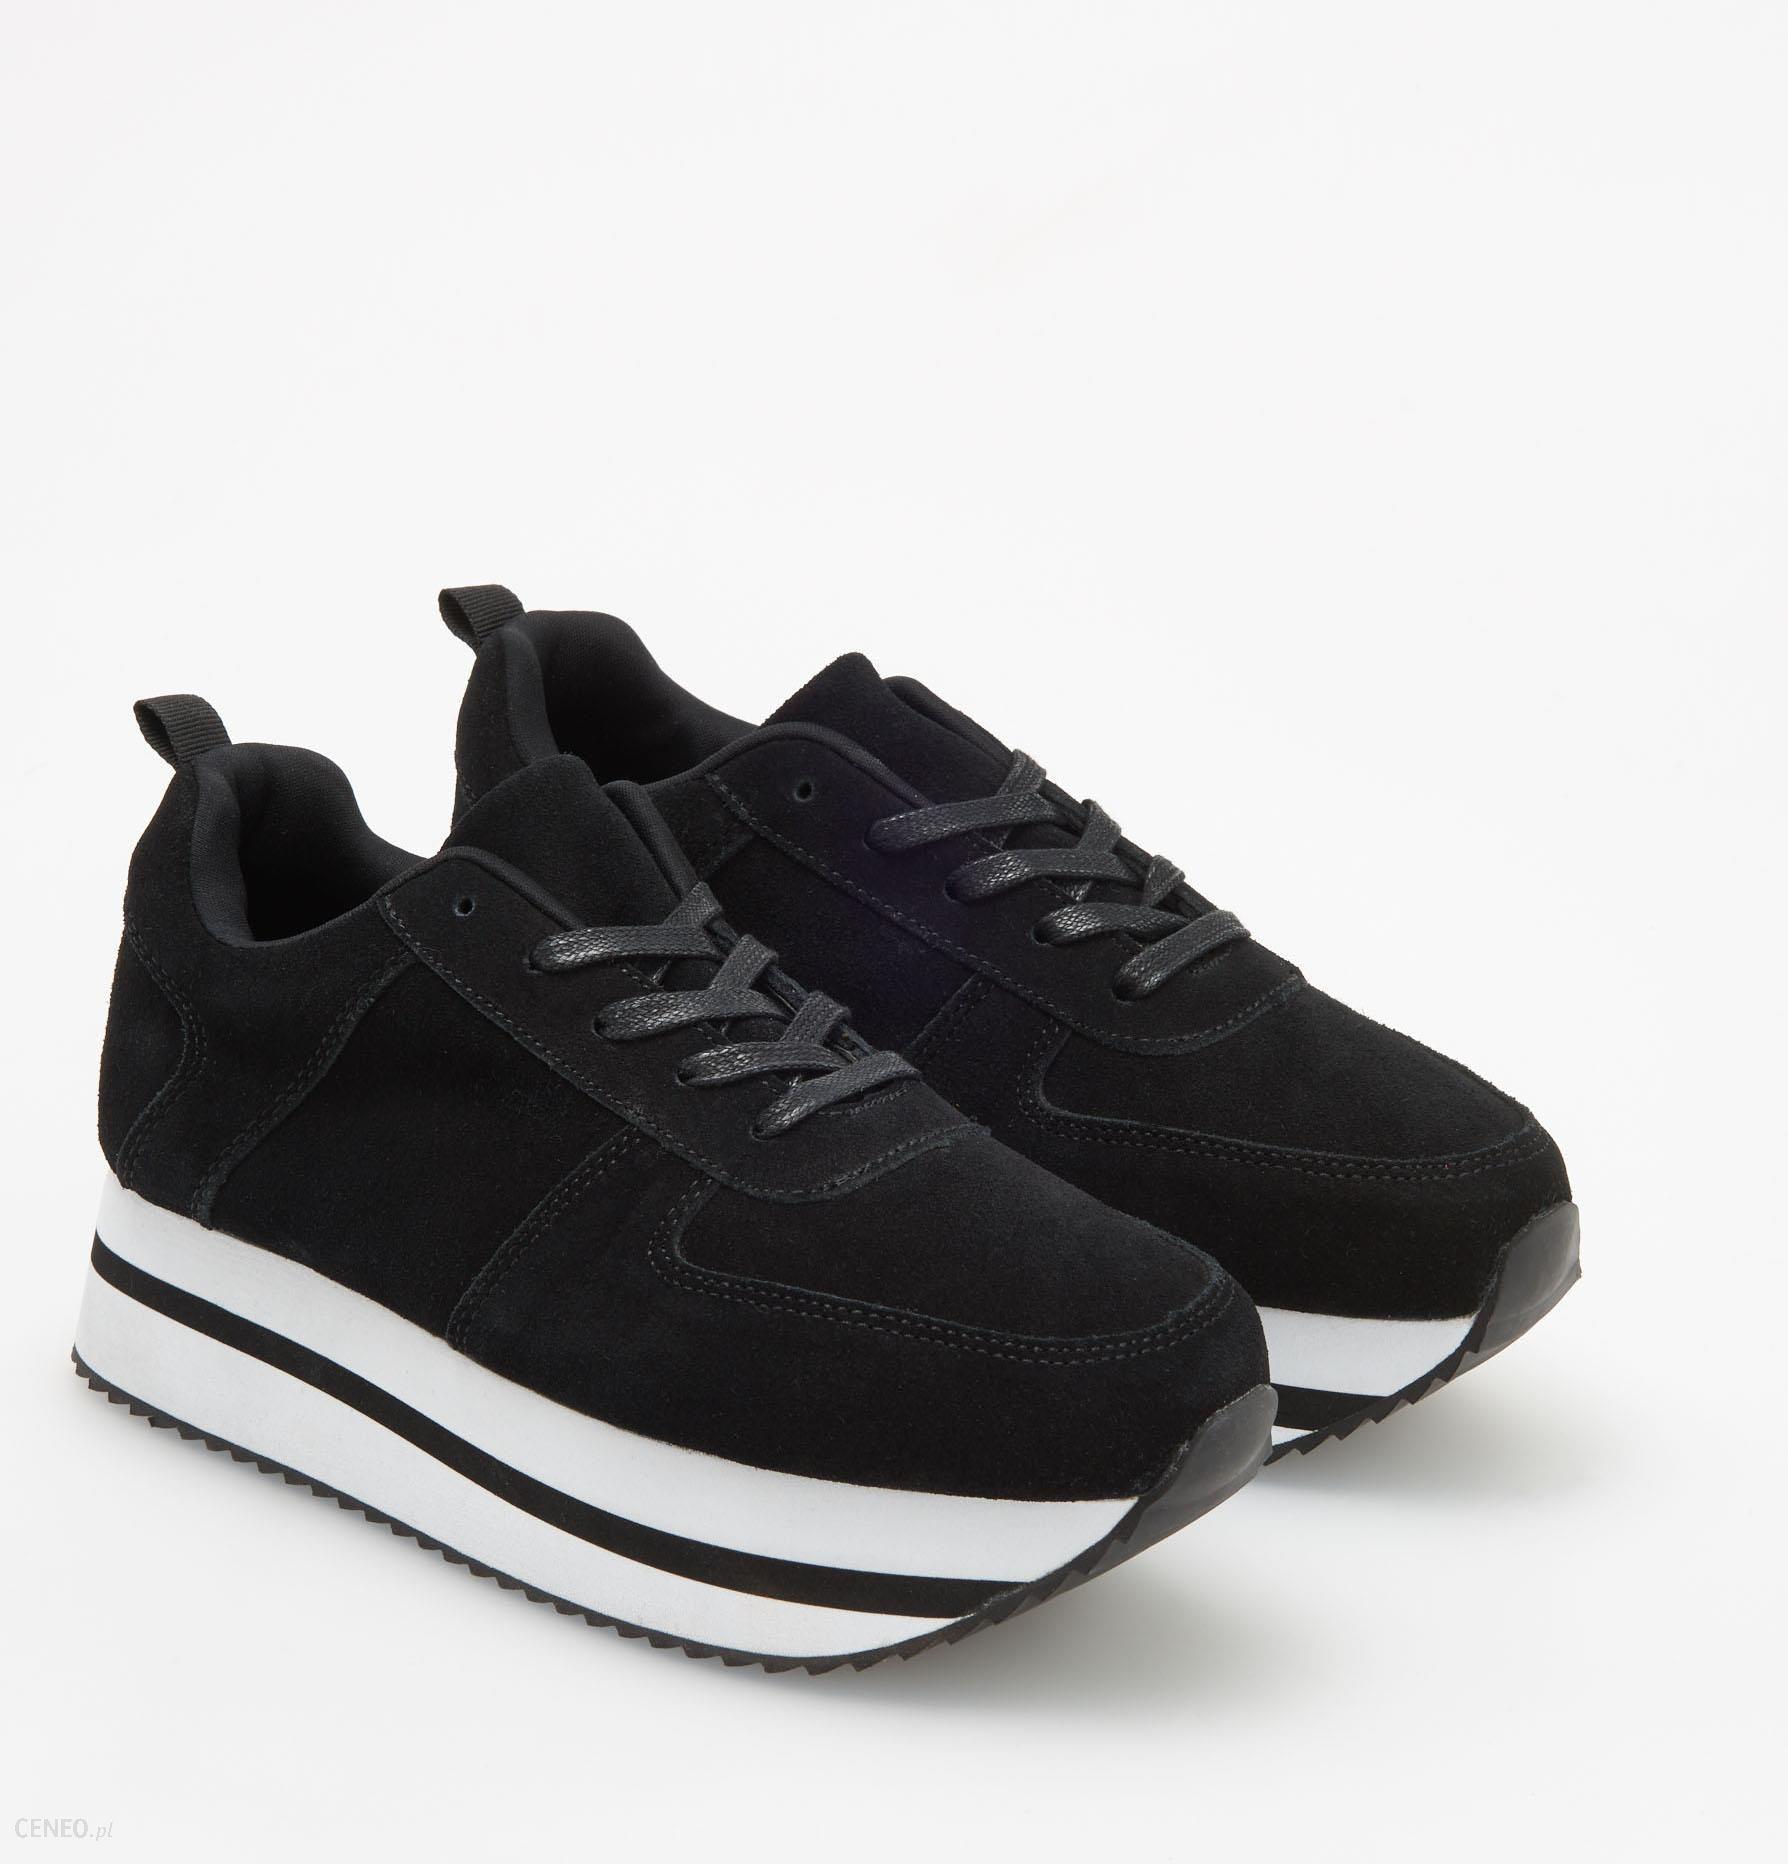 b348d1df377b3 Reserved - Skórzane buty na grubej podeszwie - Czarny - Ceny i ...